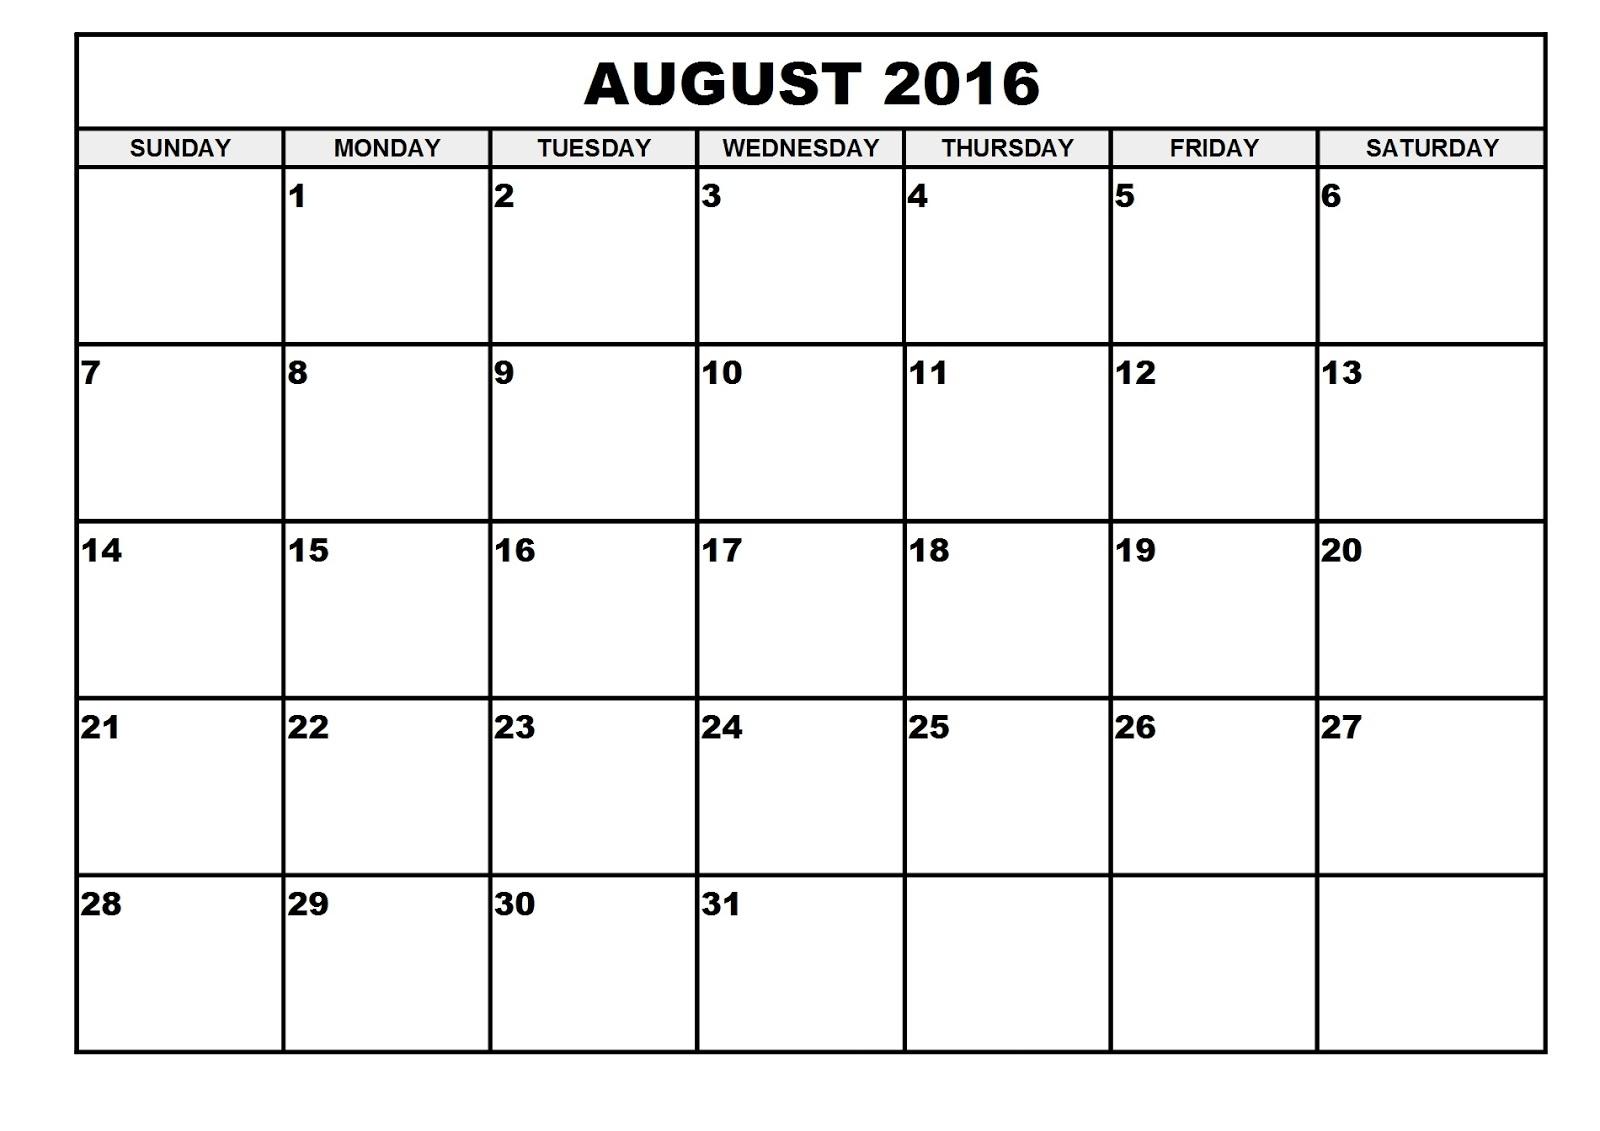 august 20 2016 mdash - photo #17